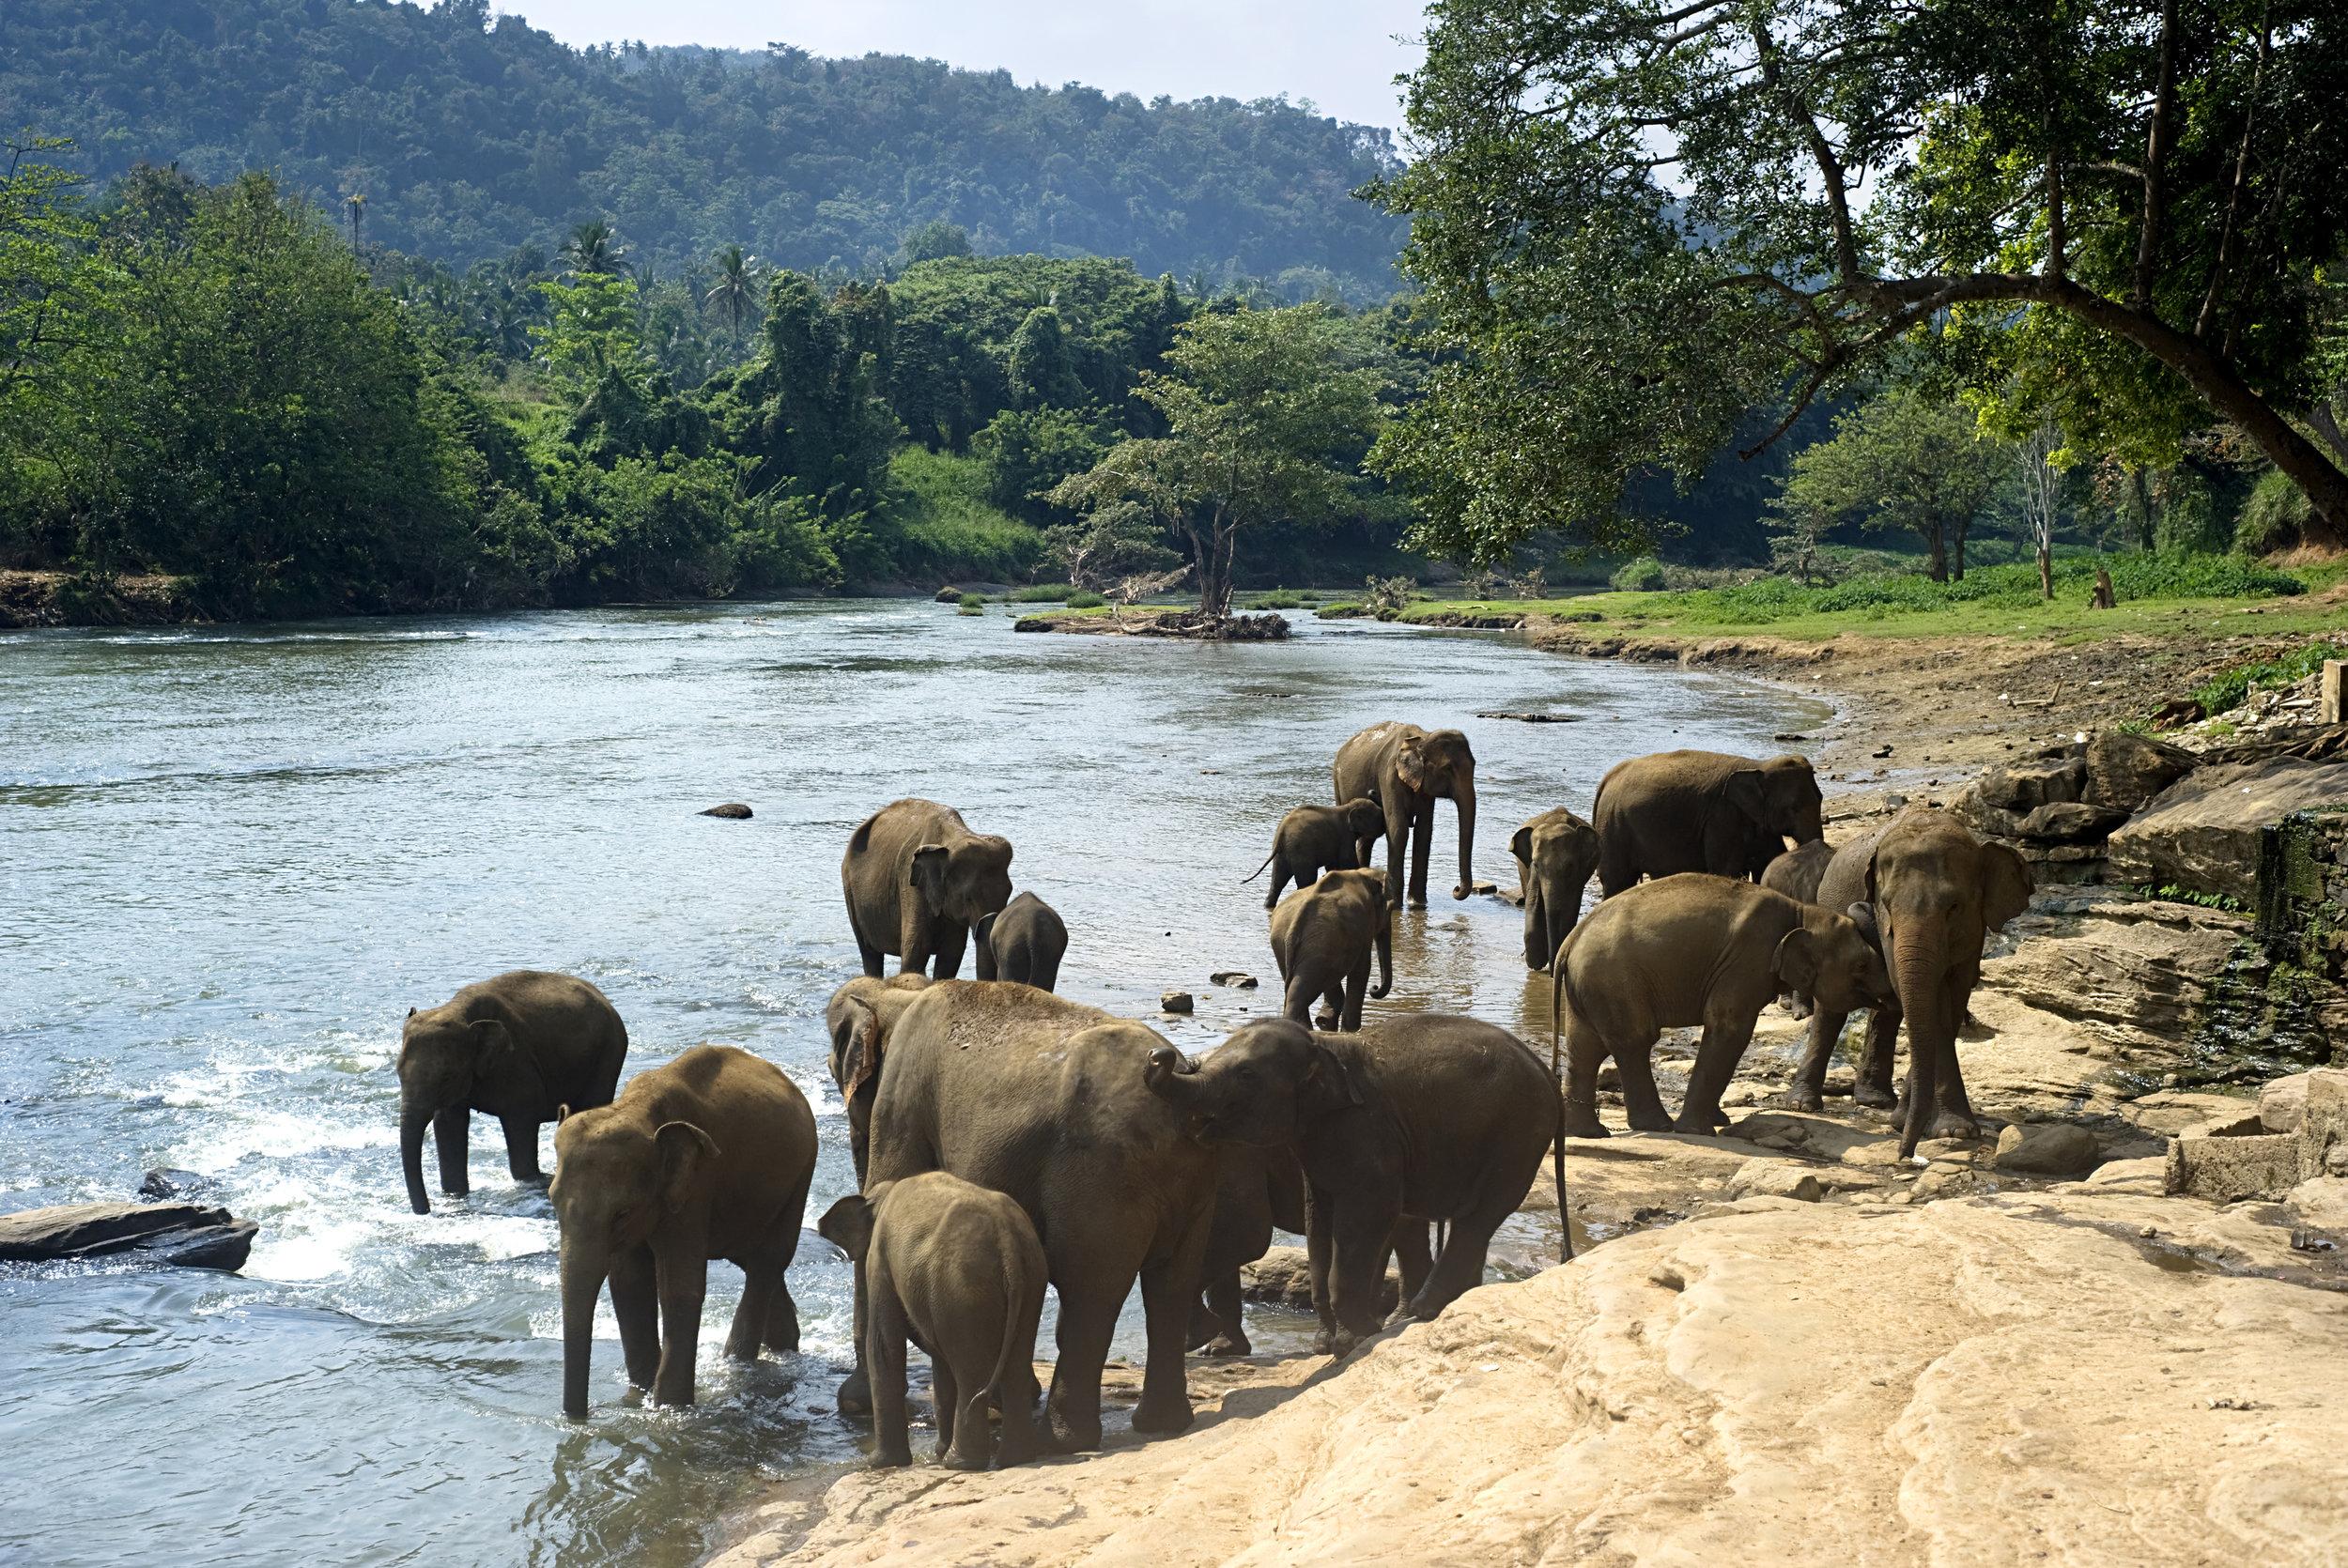 bigstock-india_Elephants-Bathing-23519015.jpg